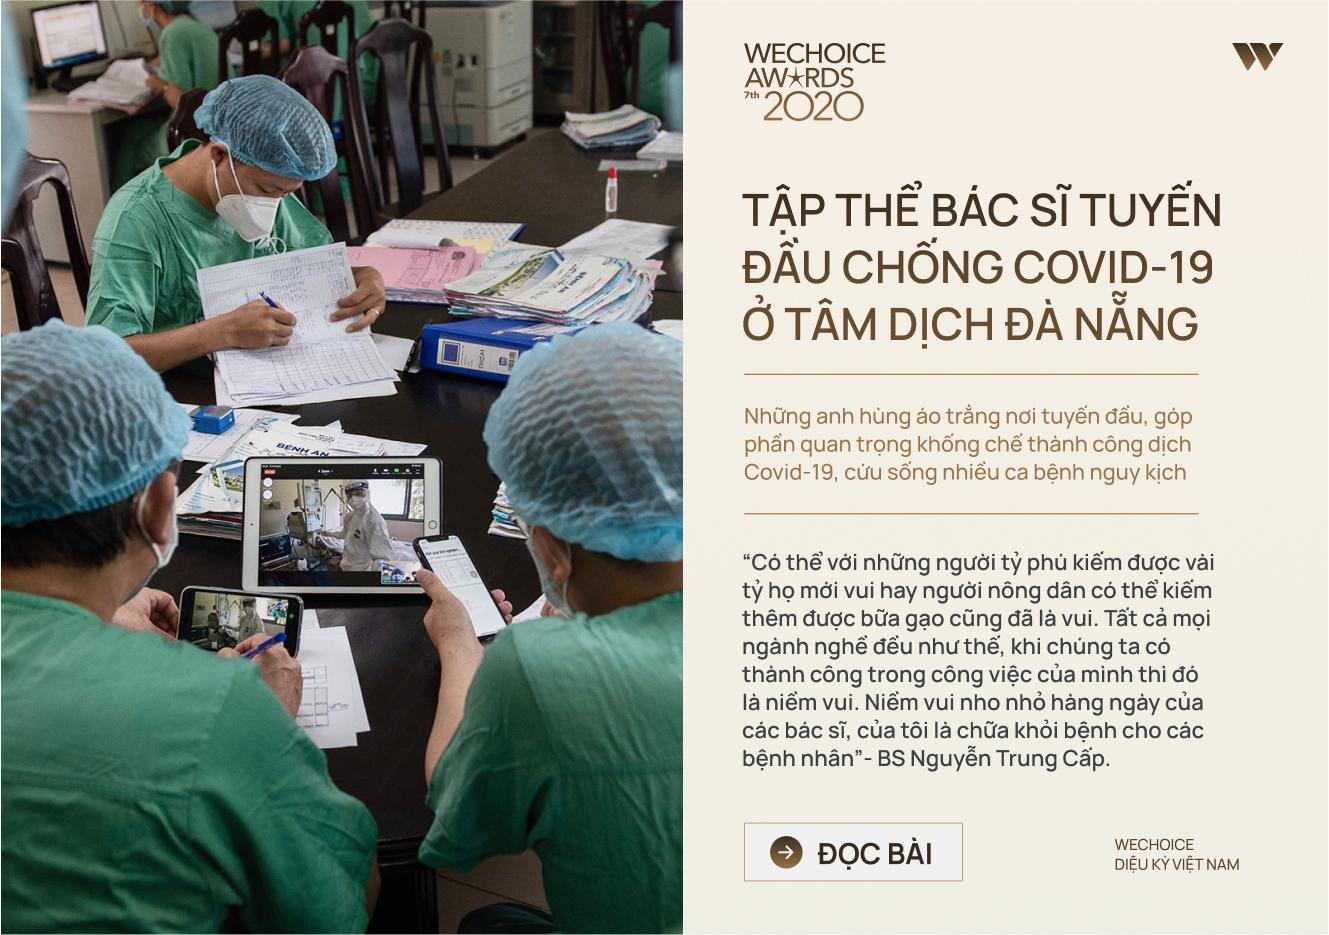 20 đề cử nhân vật truyền cảm hứng của WeChoice Awards 2020: Những câu chuyện tạo nên Diệu kỳ Việt Nam - Ảnh 8.